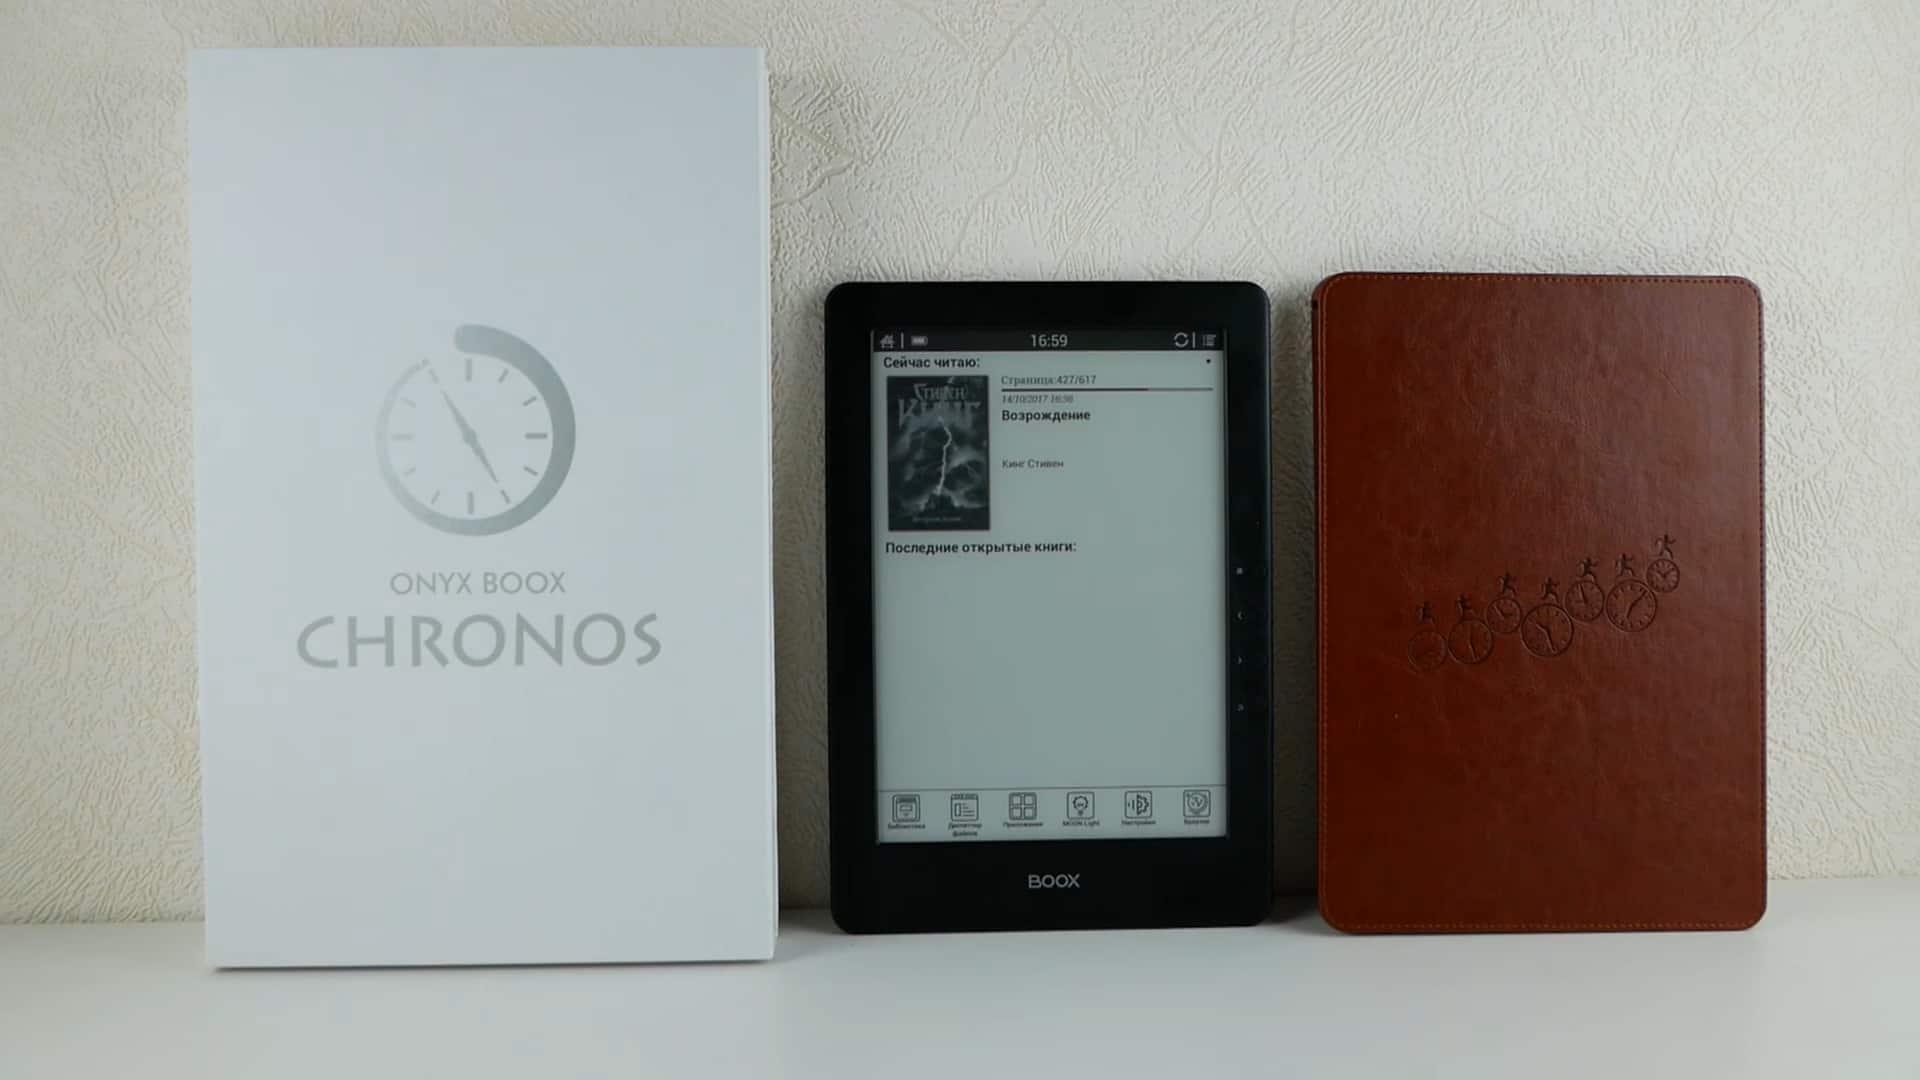 Упаковка ONYX BOOX Chronos